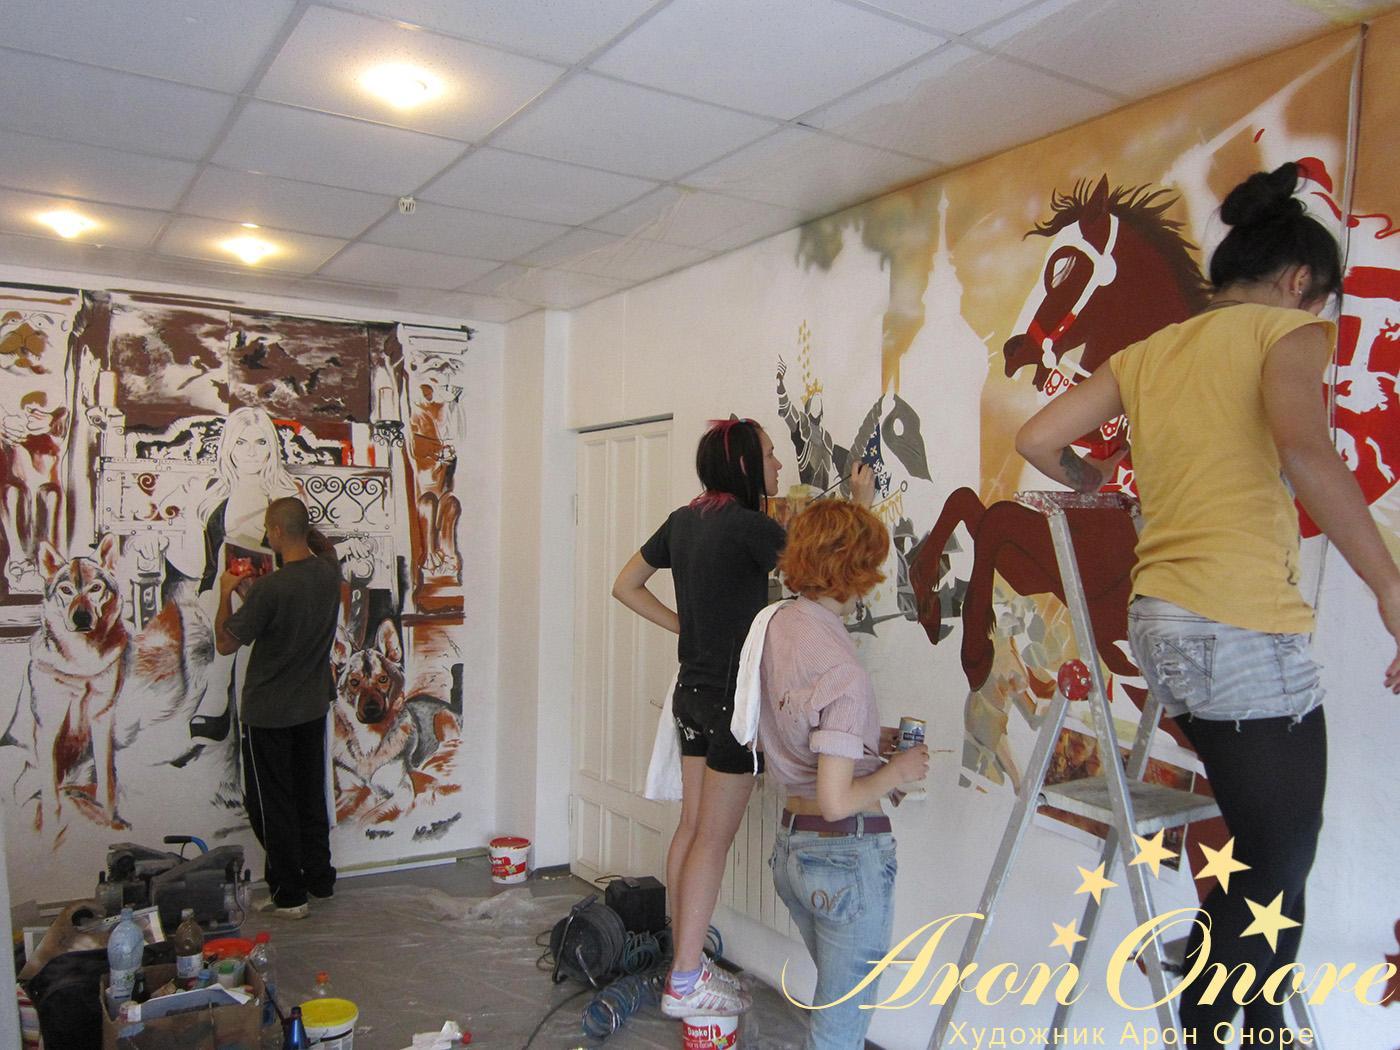 Начало художественной росписи стен – в студии аэрографии «Арон-оноре»